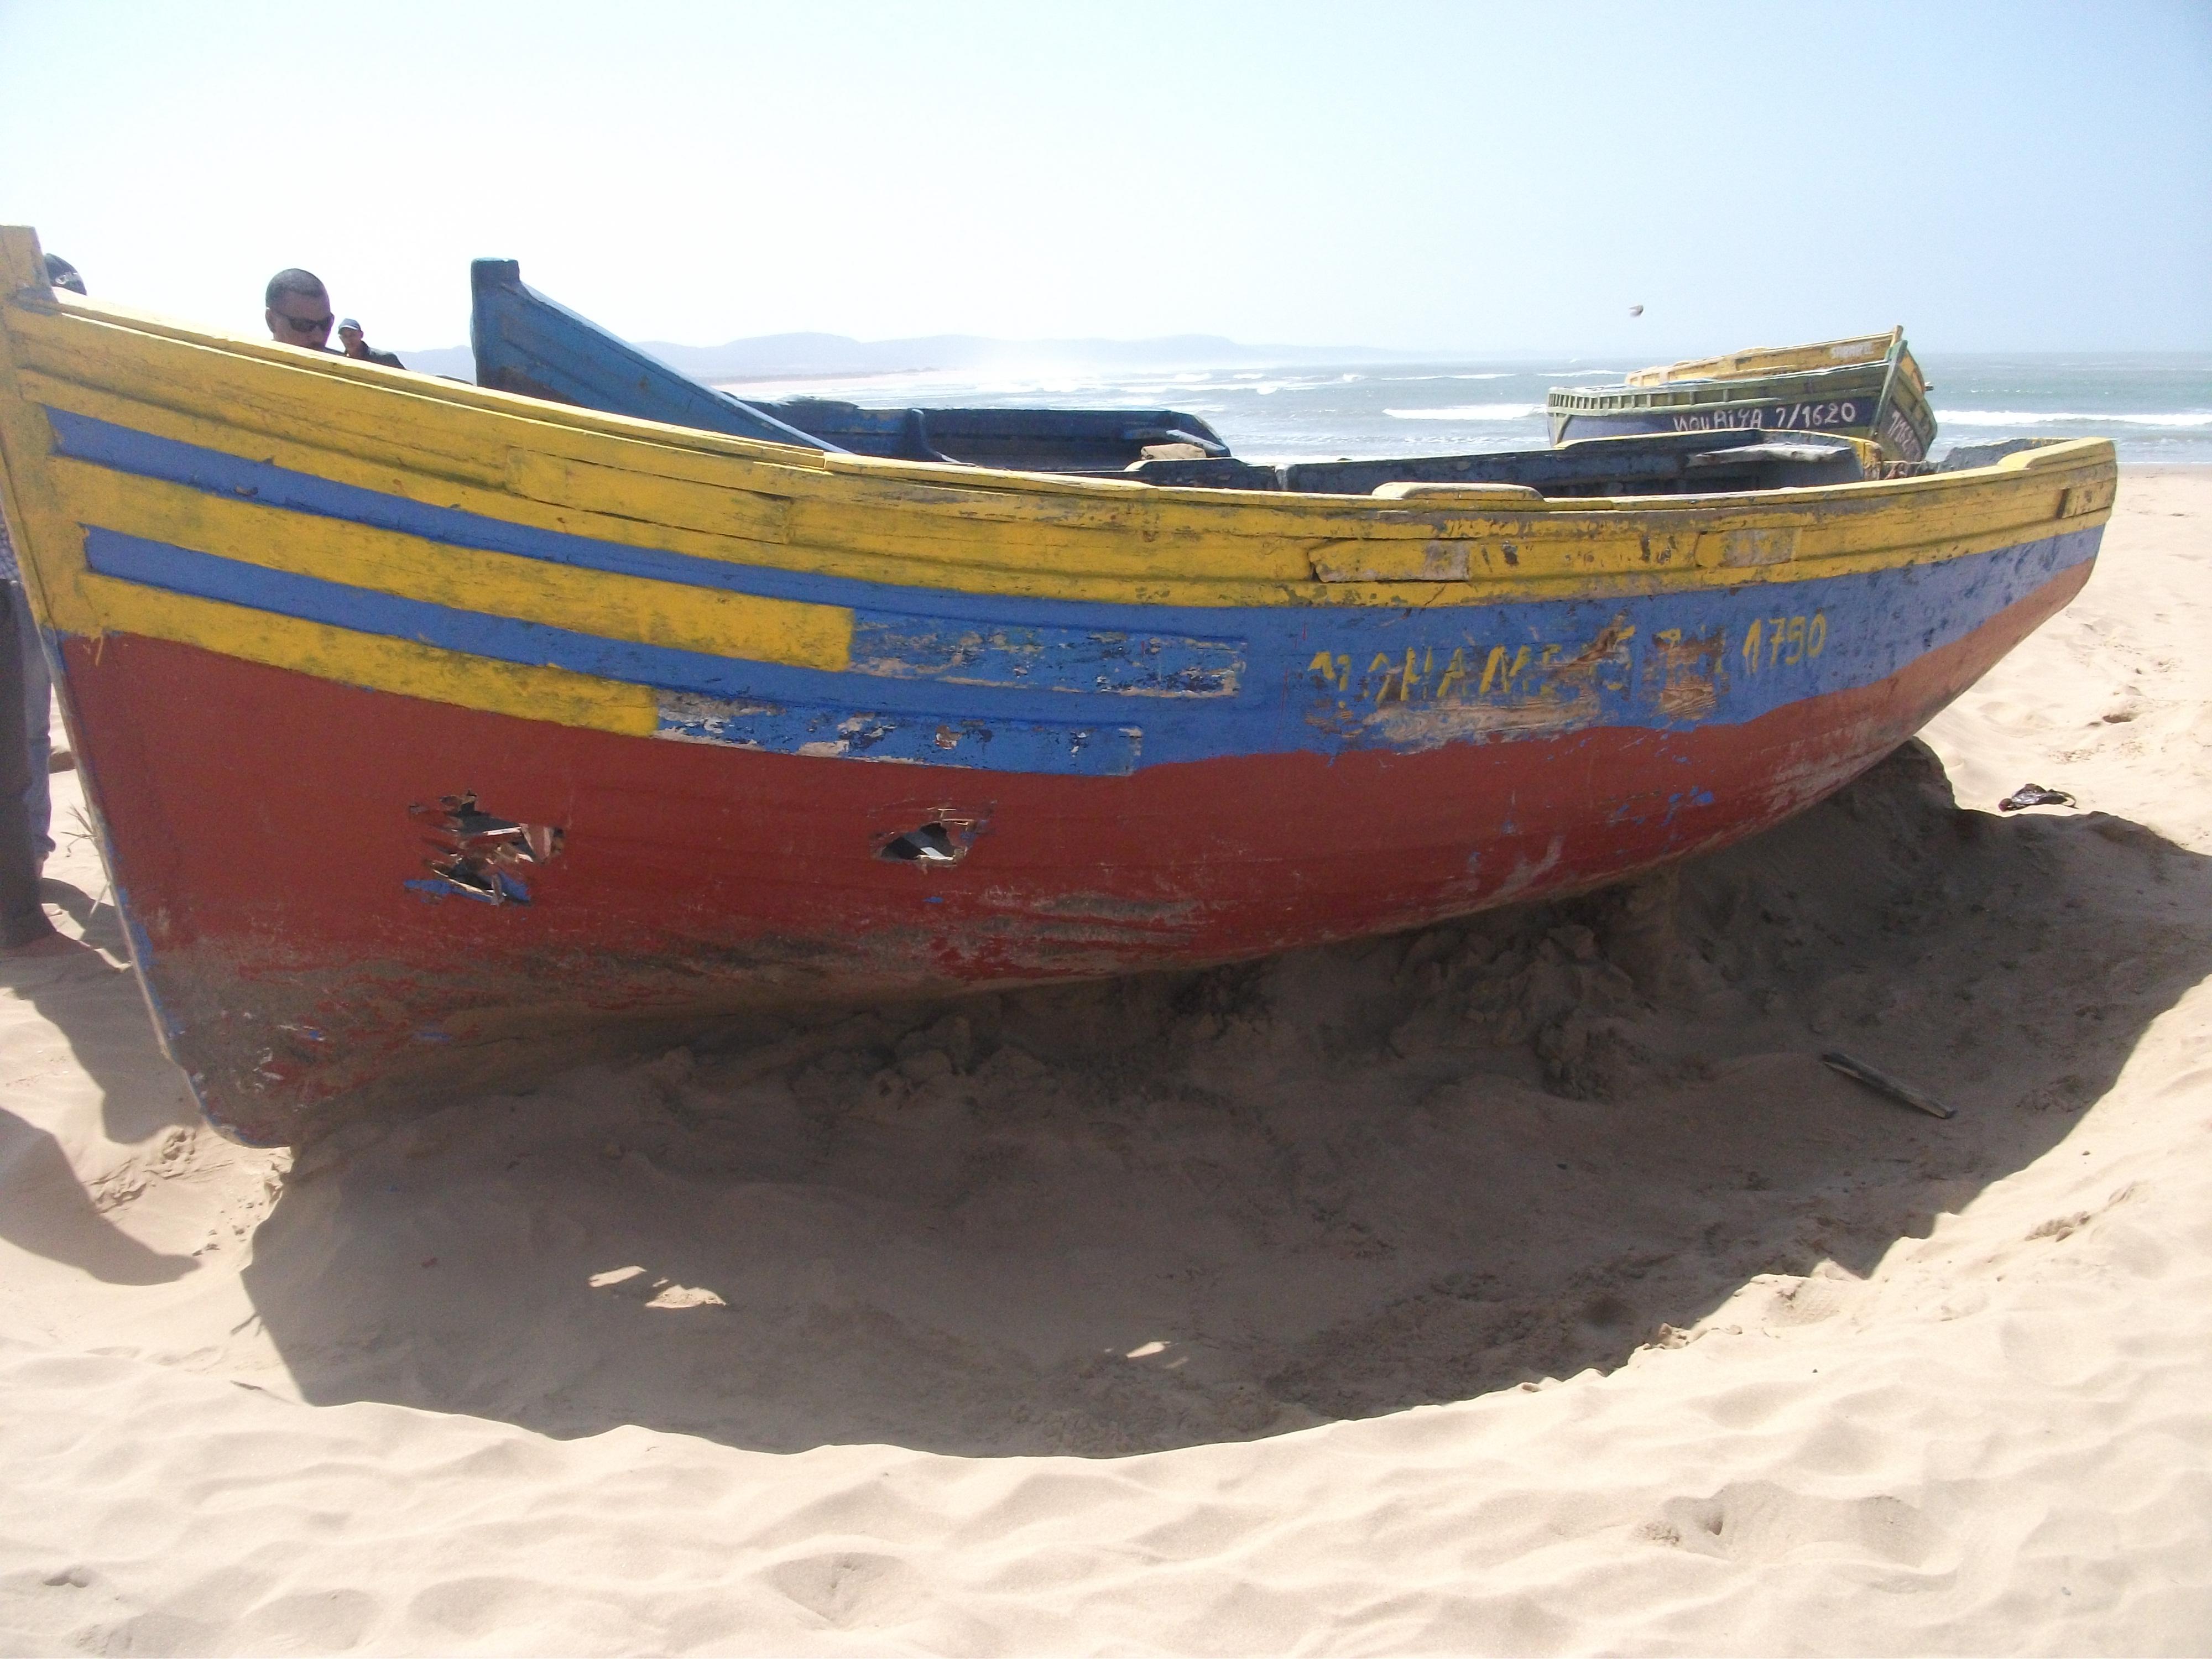 إعتداء على قوارب جمع الطحالب الصويرة12